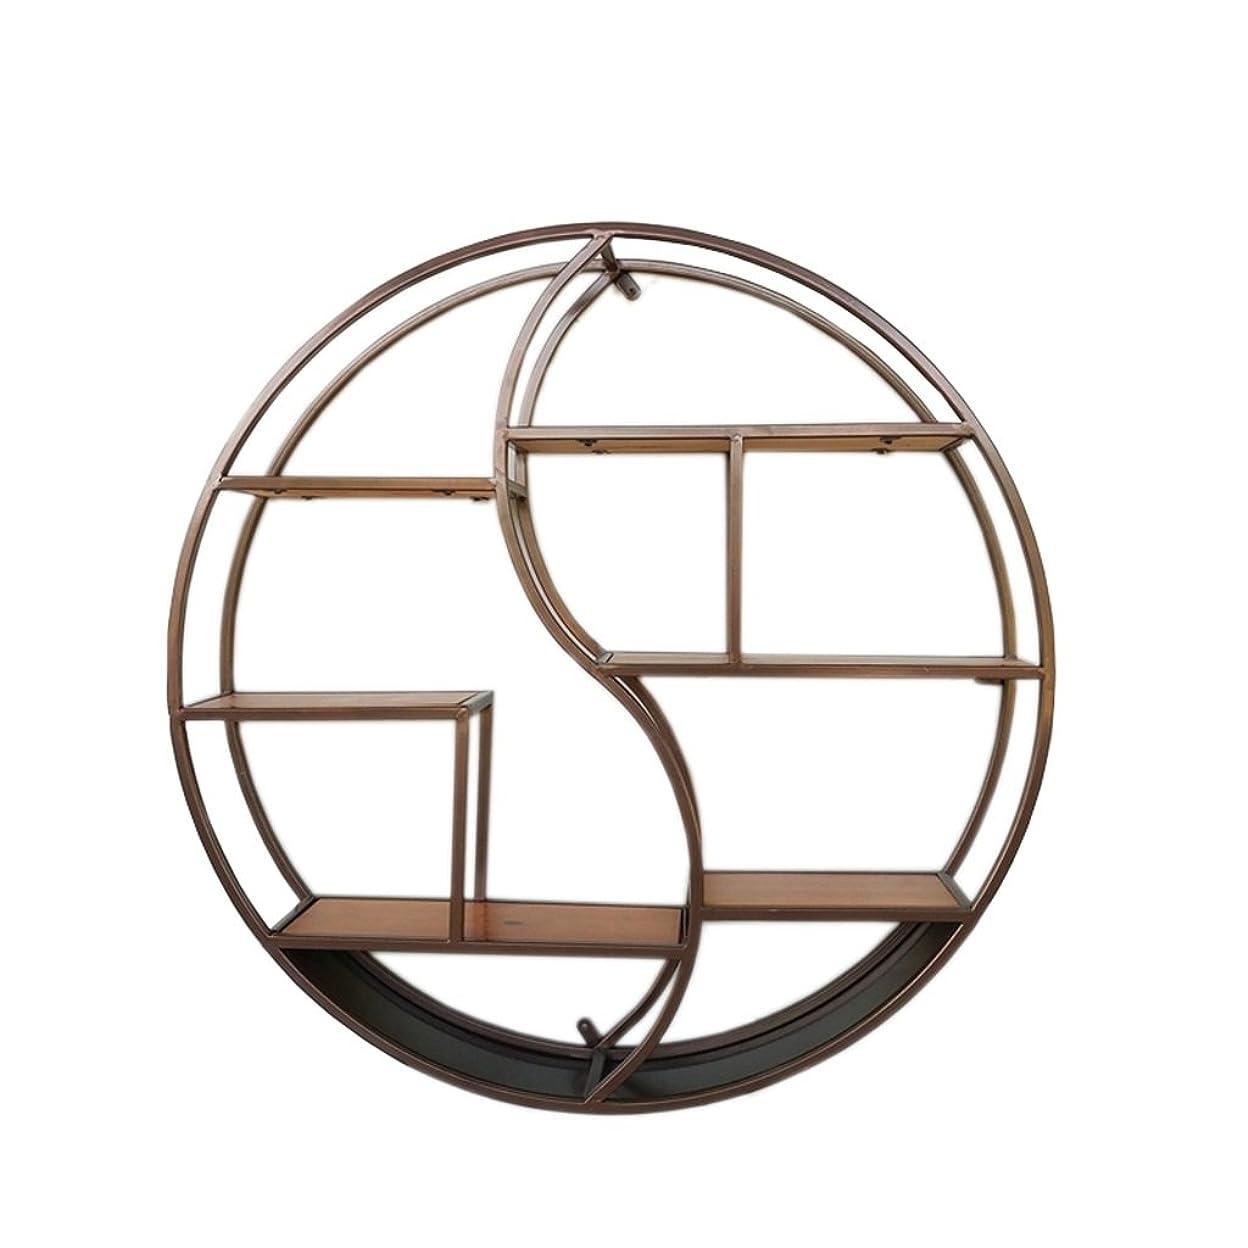 確かめる素人曖昧なウォールシェルフラック純木の本箱の仕切りの装飾の円形の陳列台 (Color : BLACK)